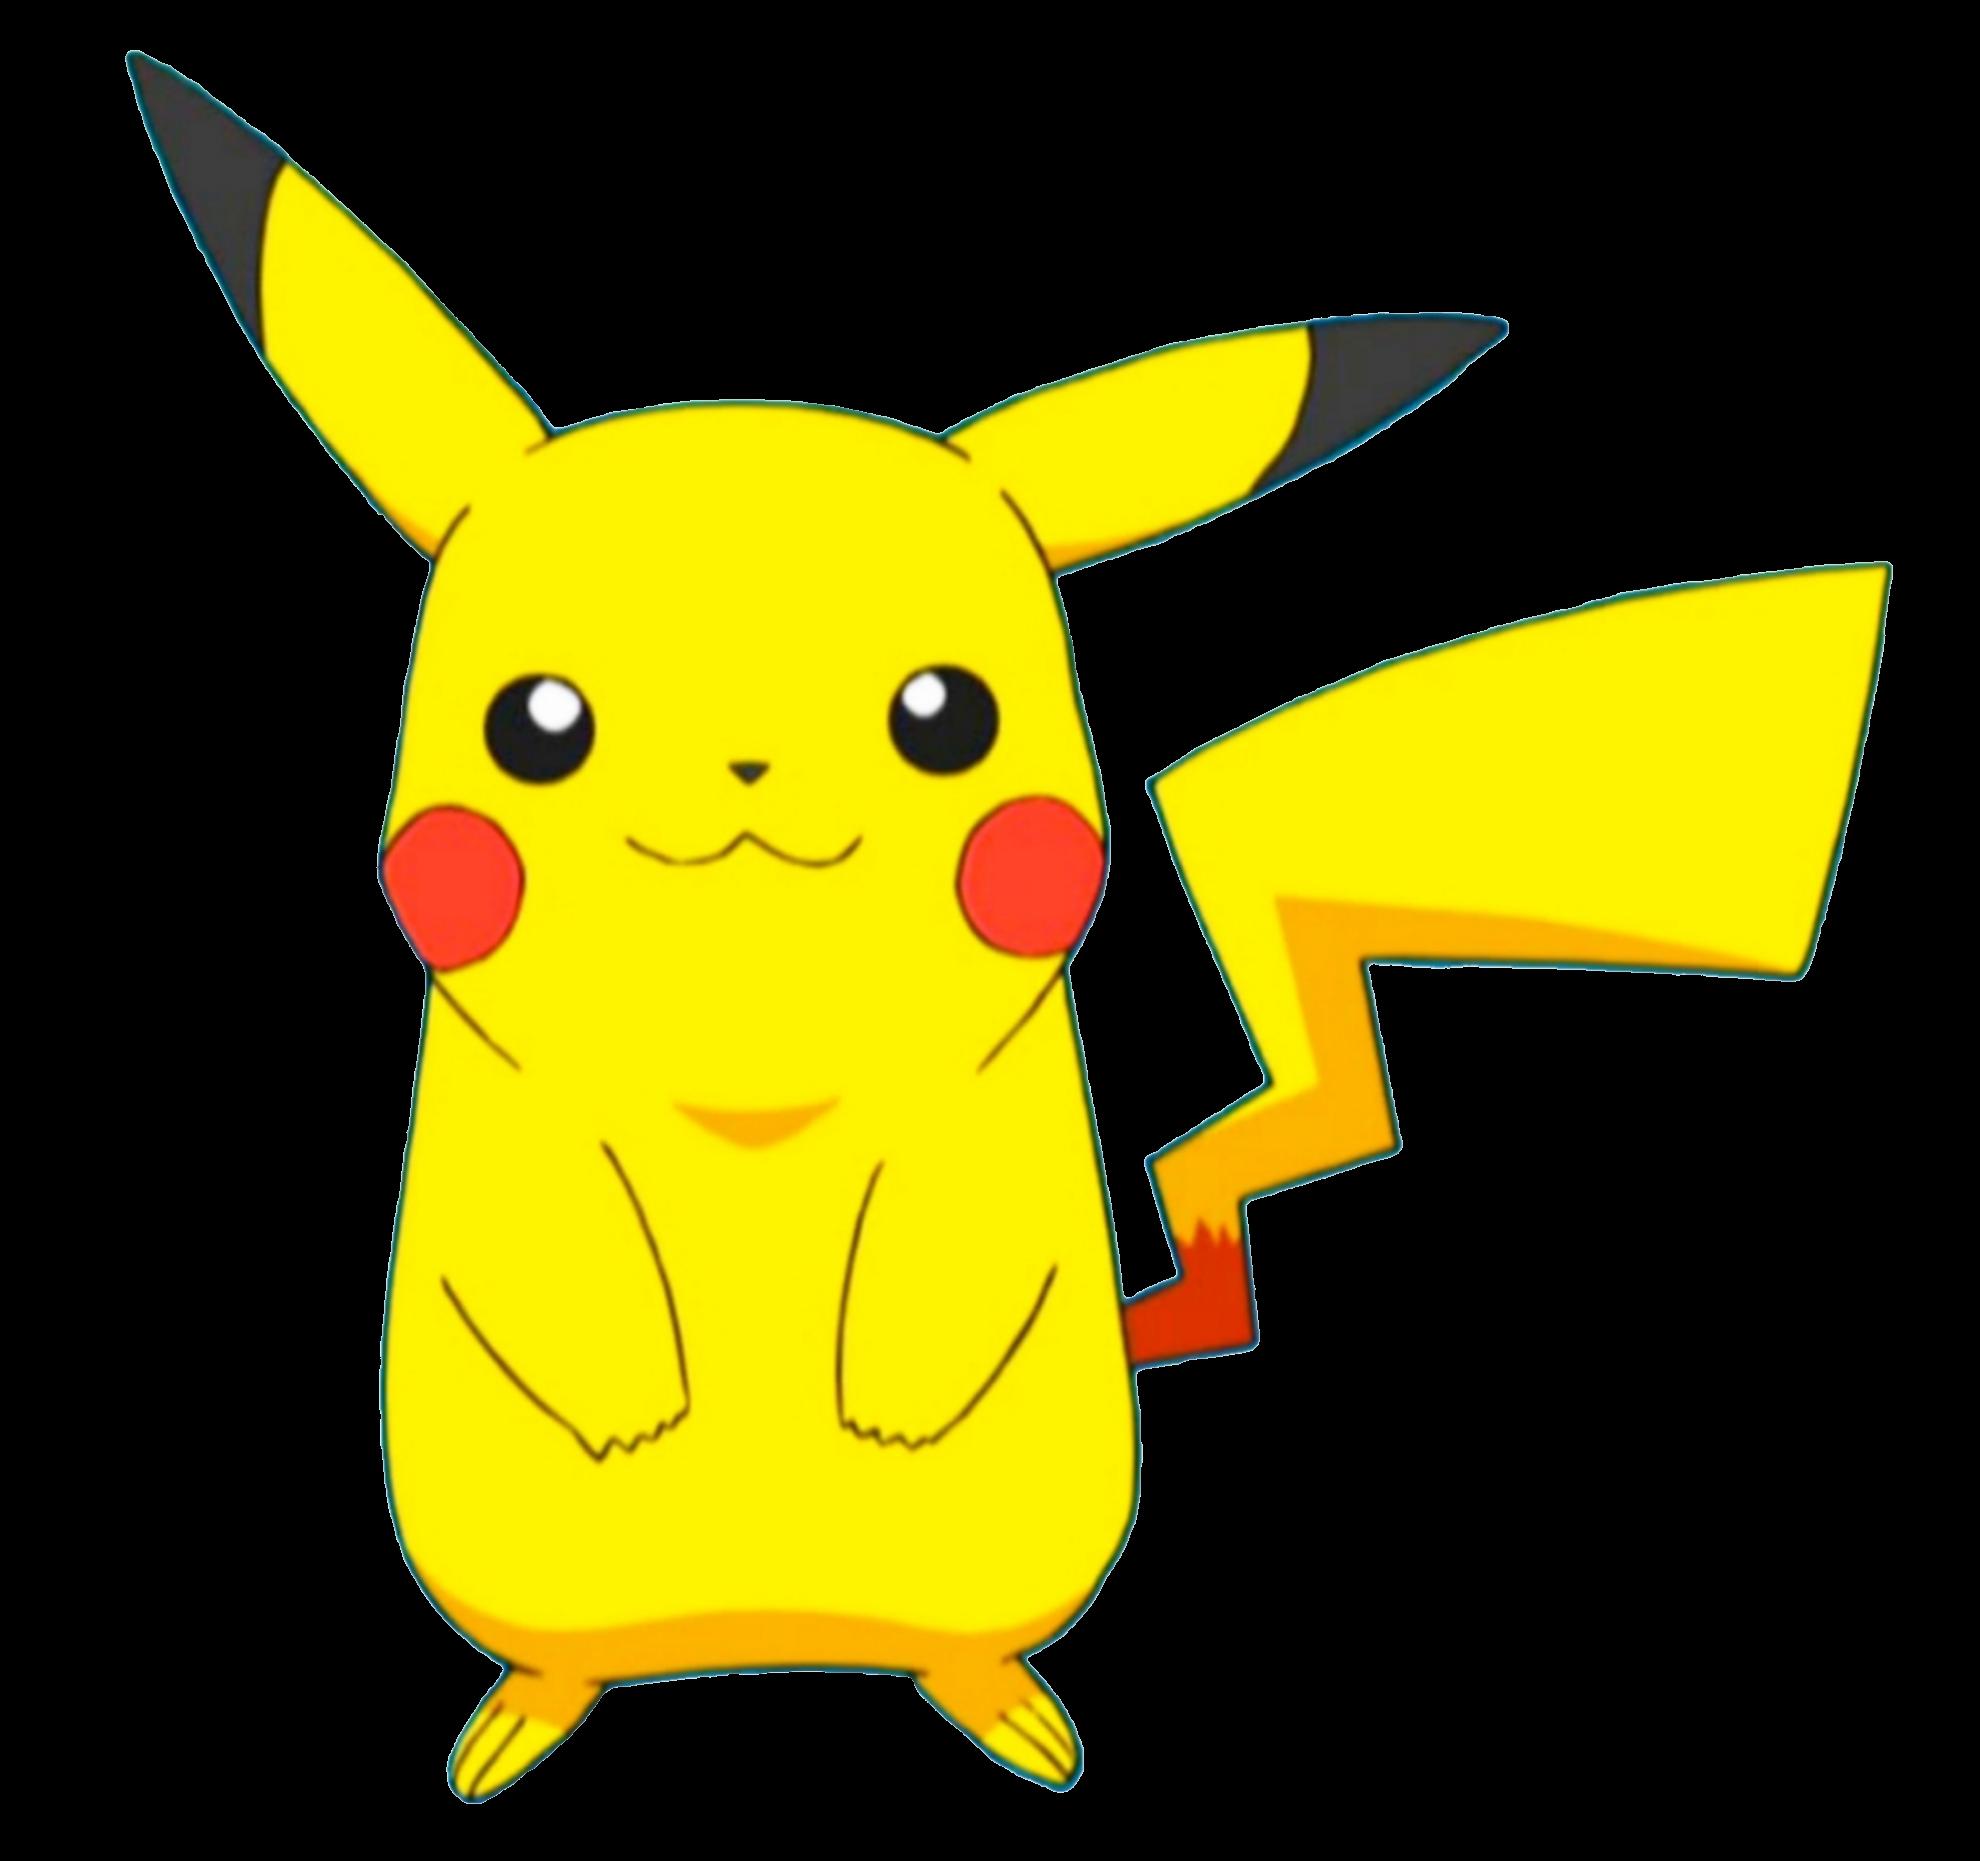 Pikachu Sonic Pok mon Wiki